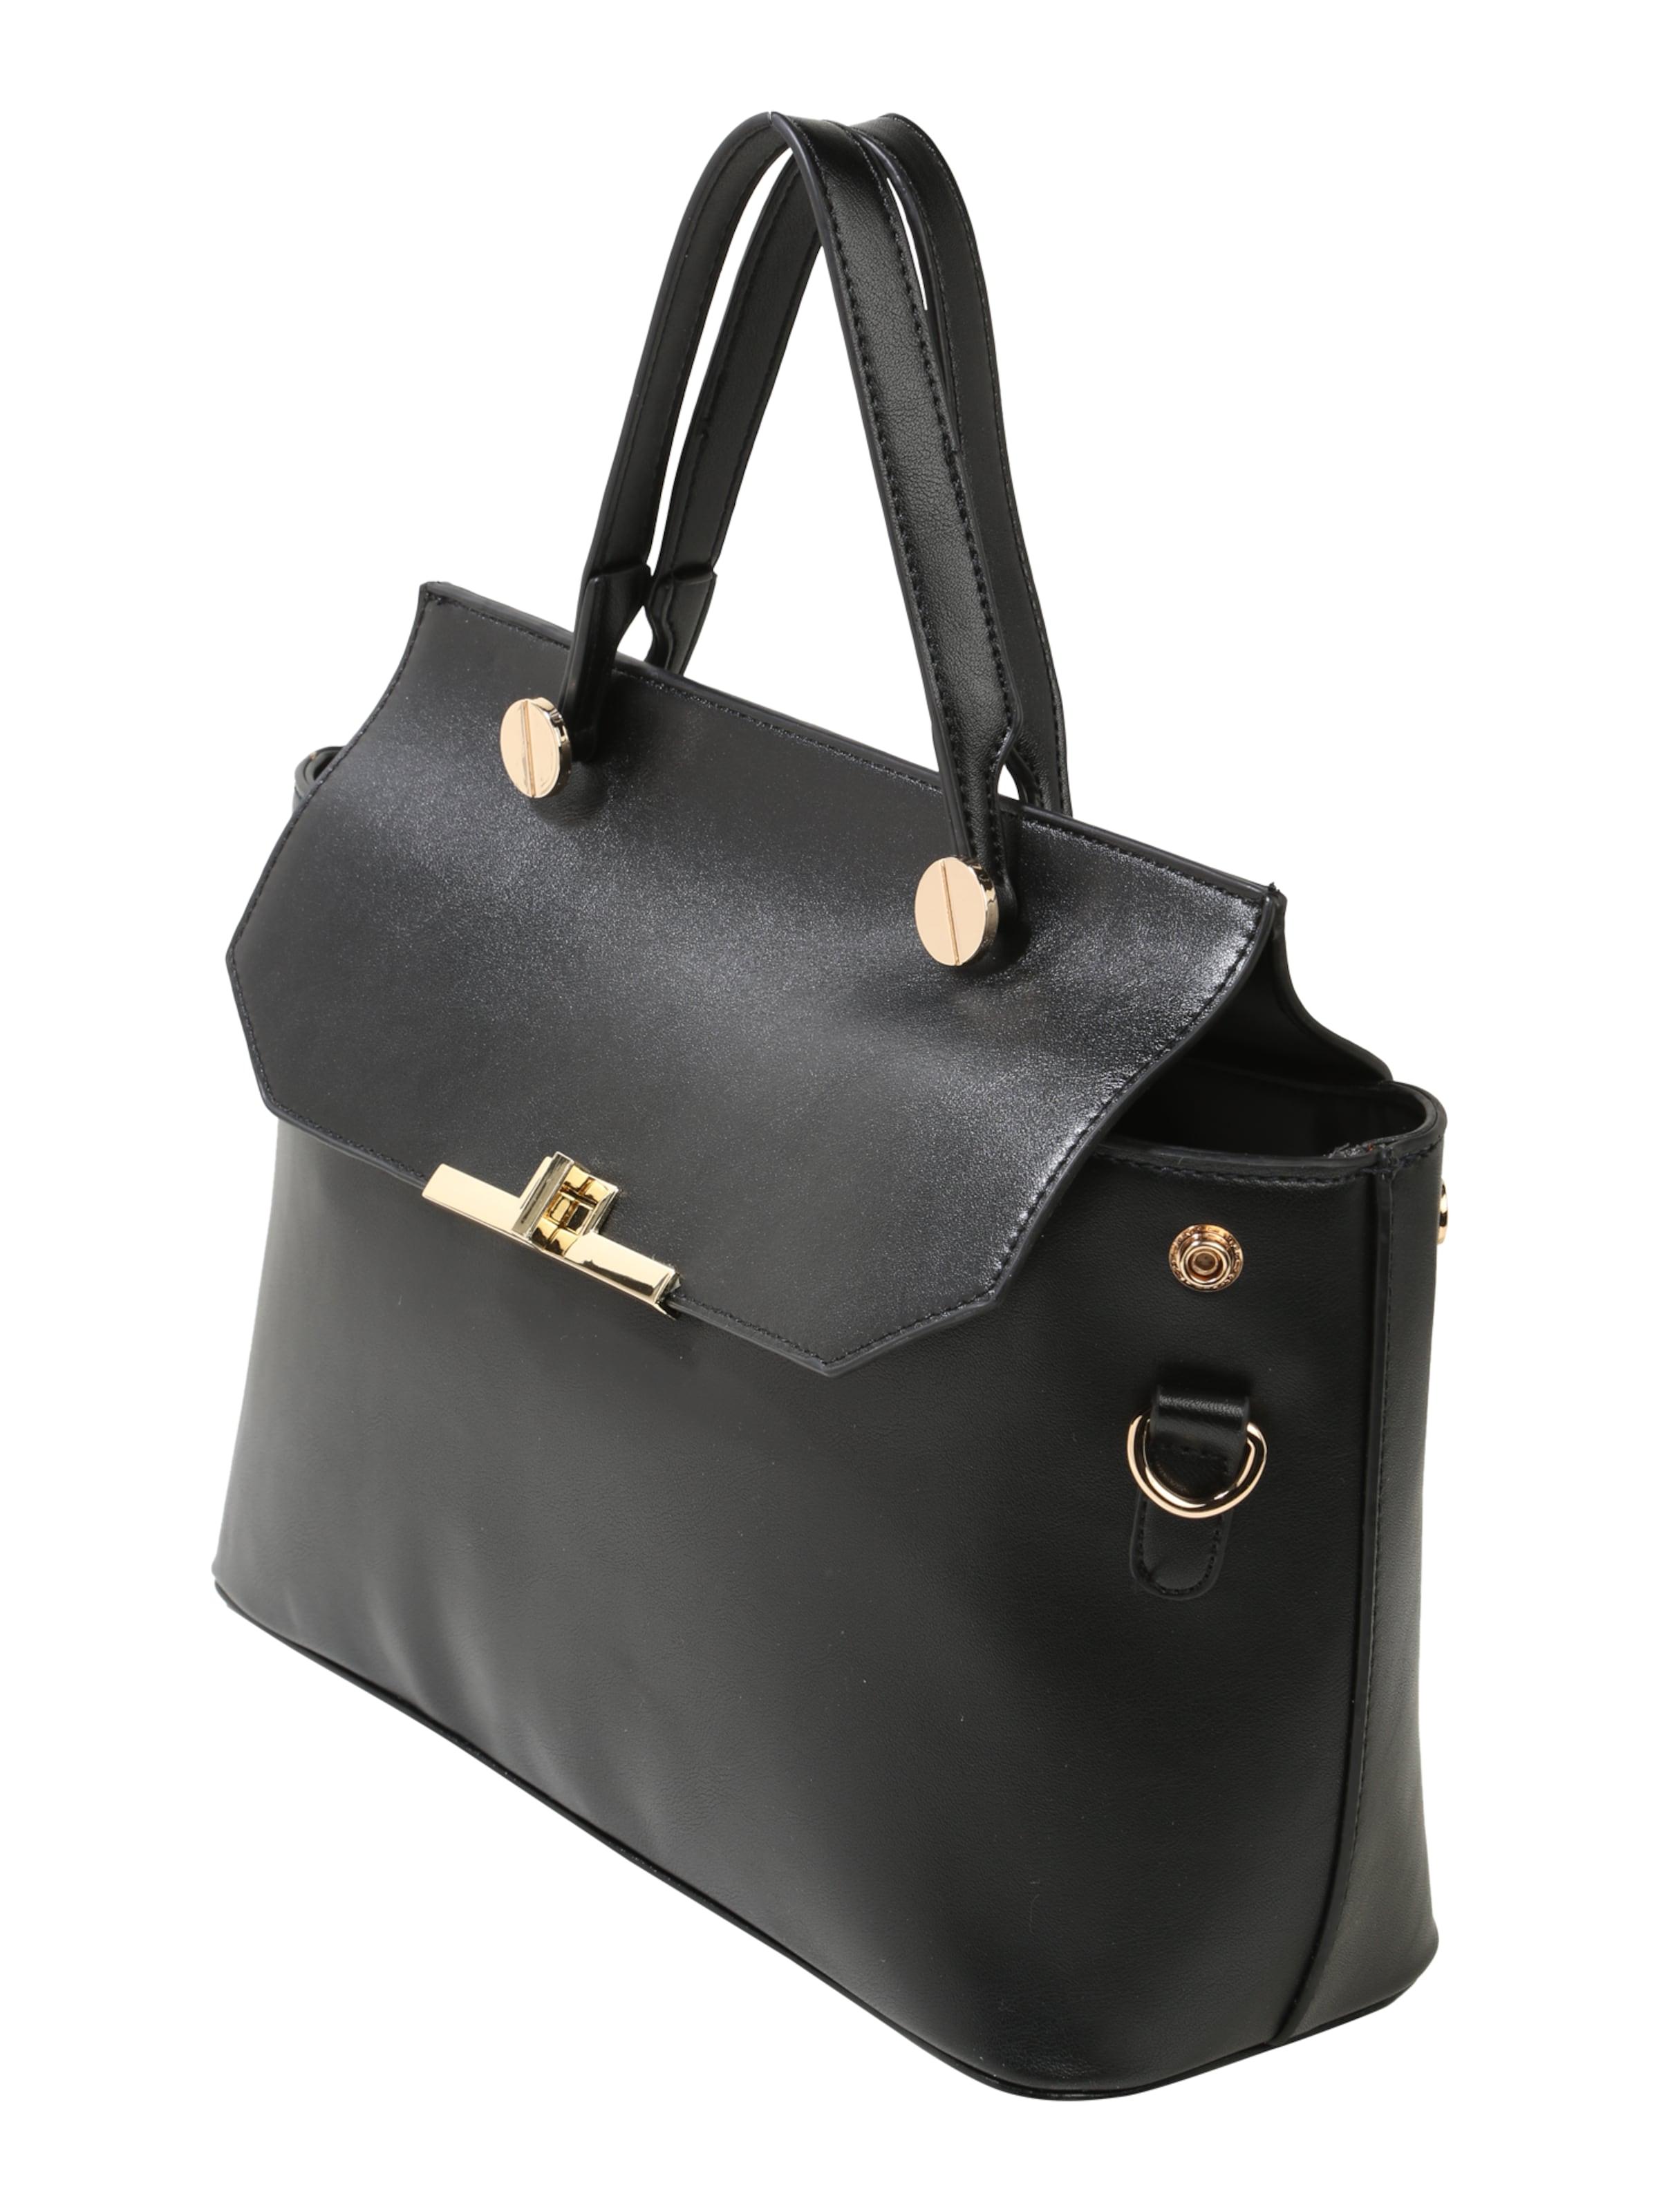 LYDC London Handtasche aus Kunstleder Steckdose Niedrigsten Preis Footlocker Bilder Verkauf Online Spielraum Offiziellen RU8mC9wp